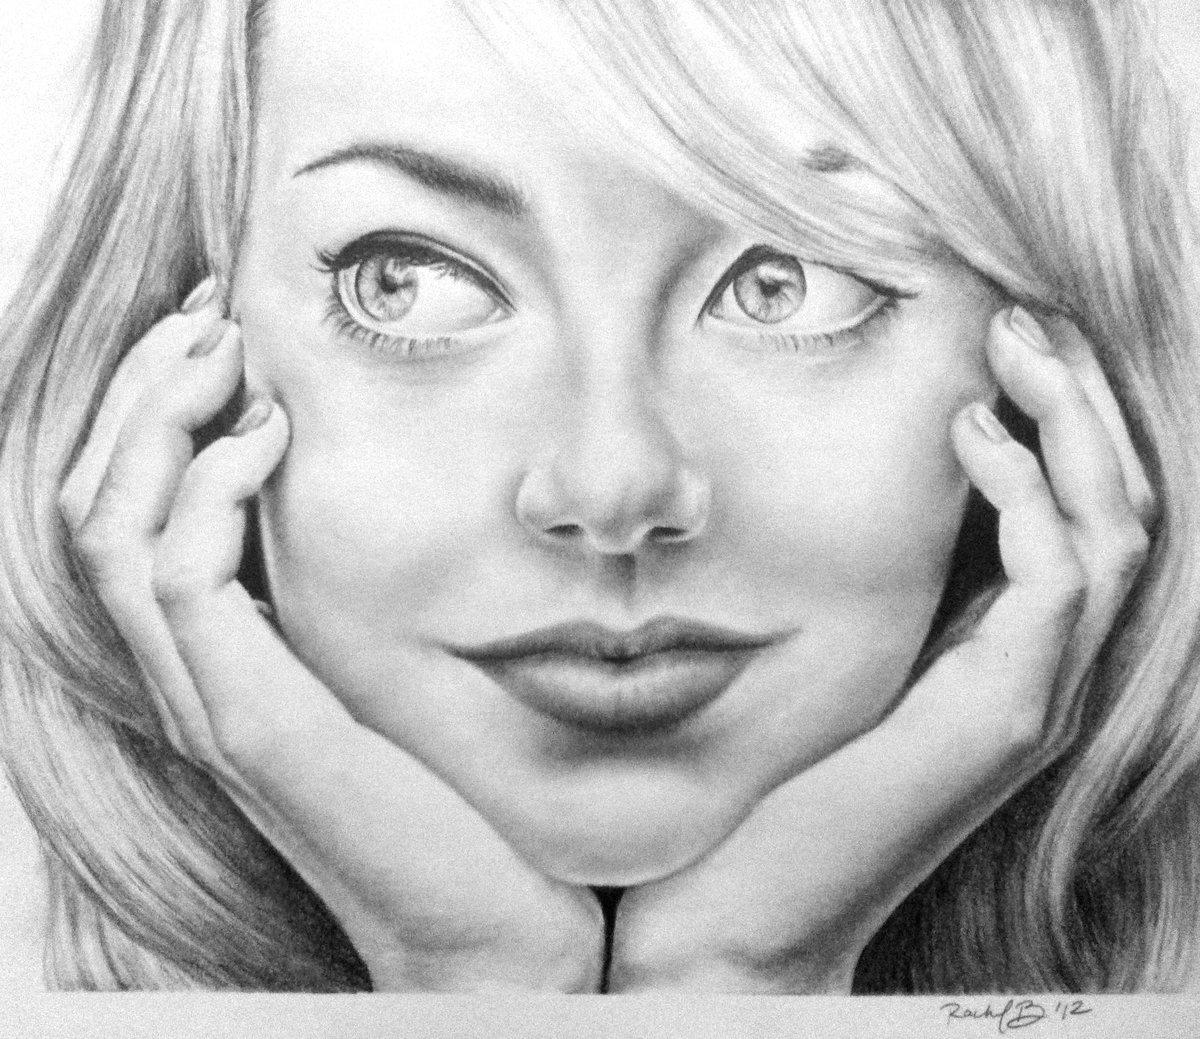 Картинки люди рисунки лица